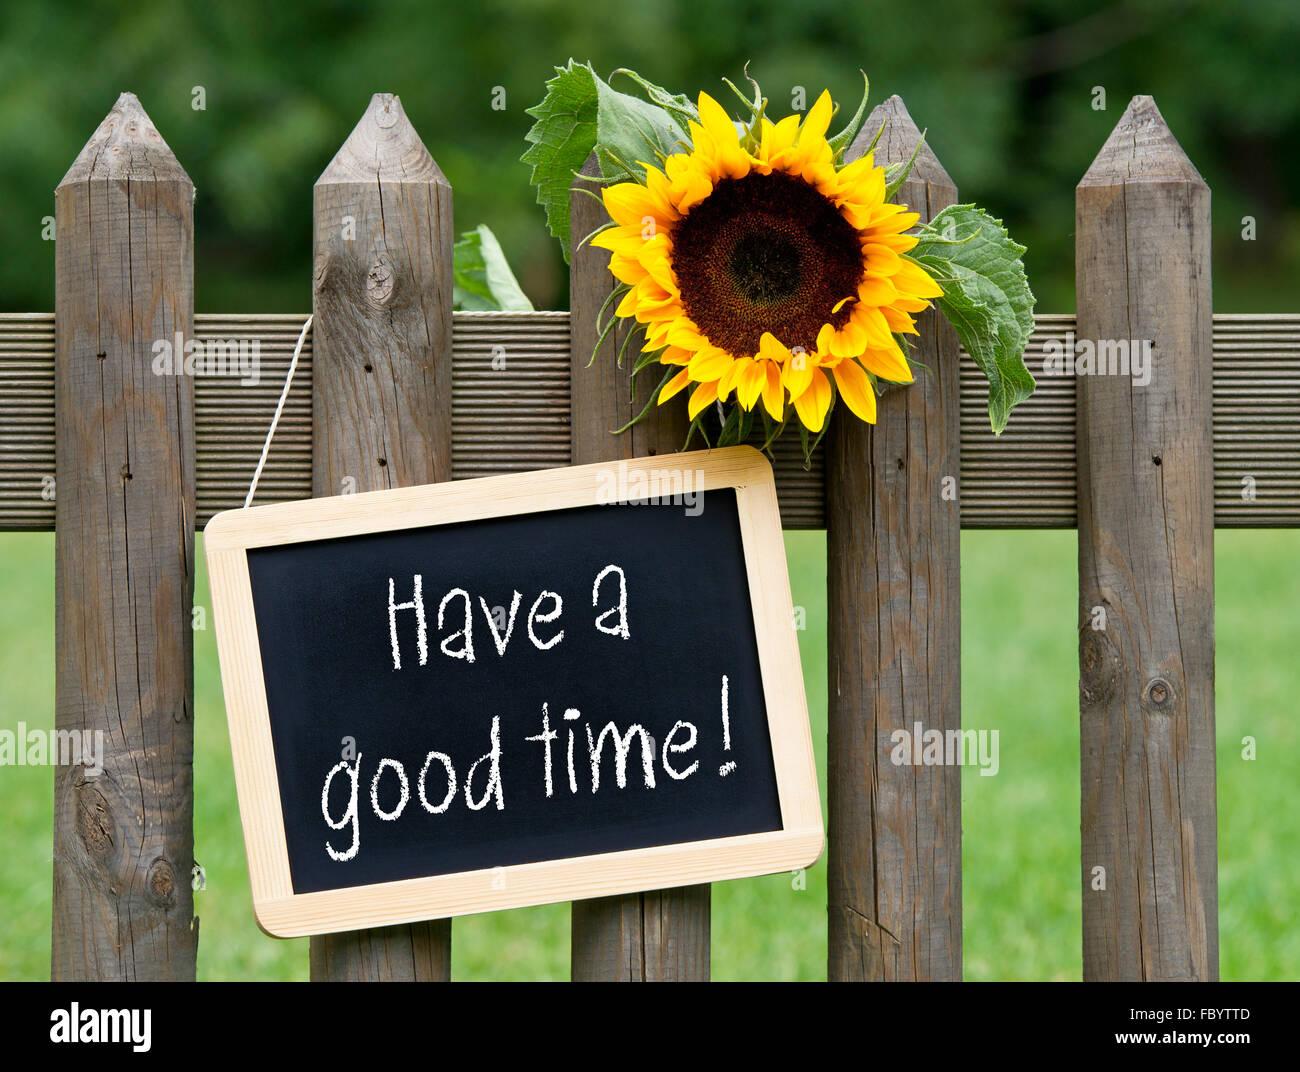 Eine Gute Zeit